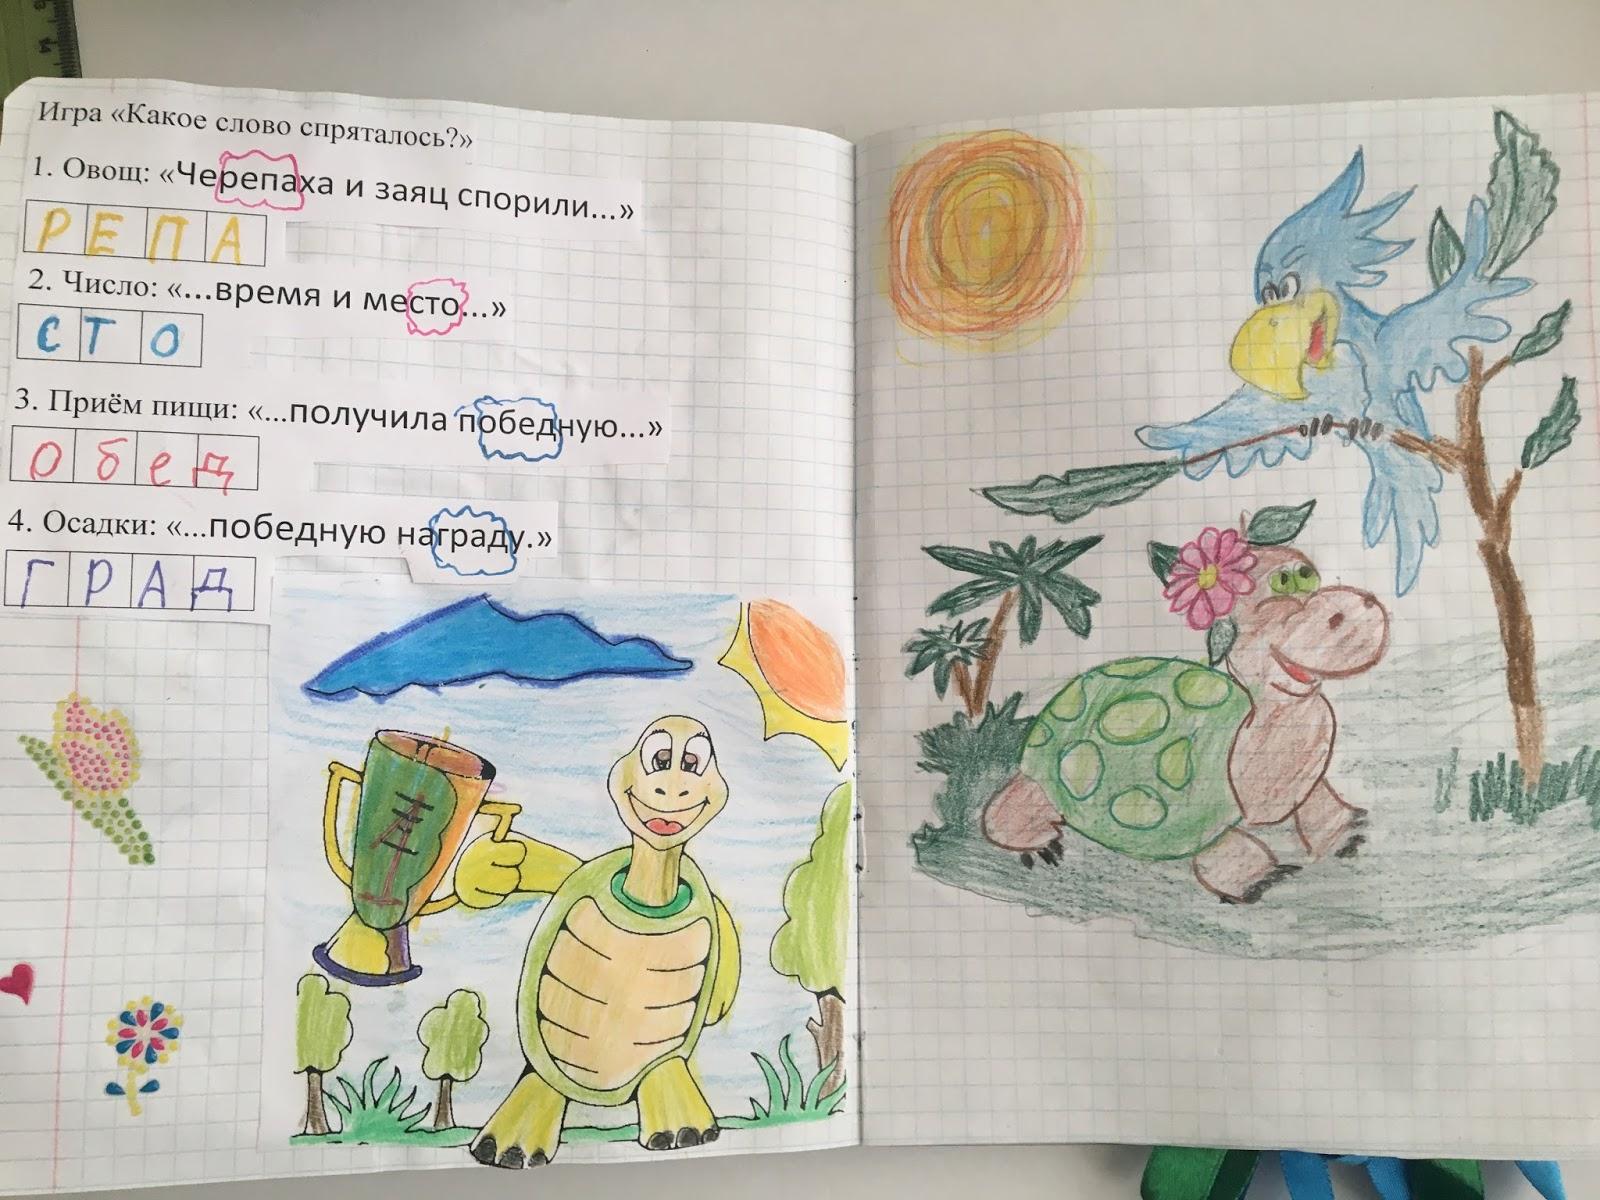 Читать мангу по любовь на русском языке